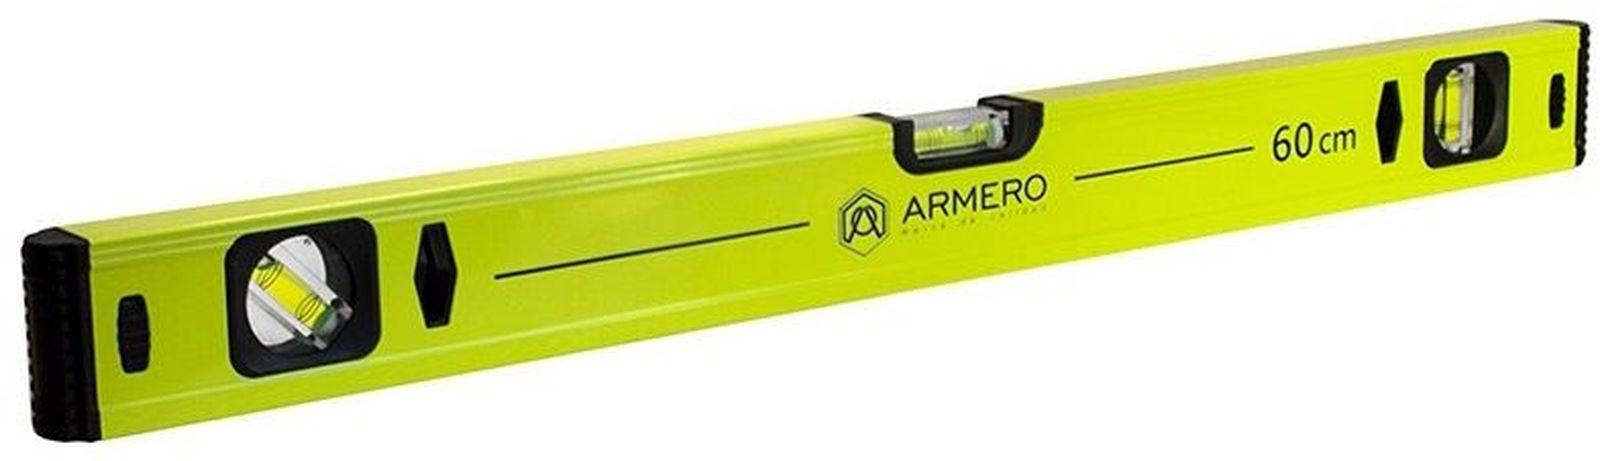 Уровень алюминиевый Armero, 3 глазка, магнит, 60 см